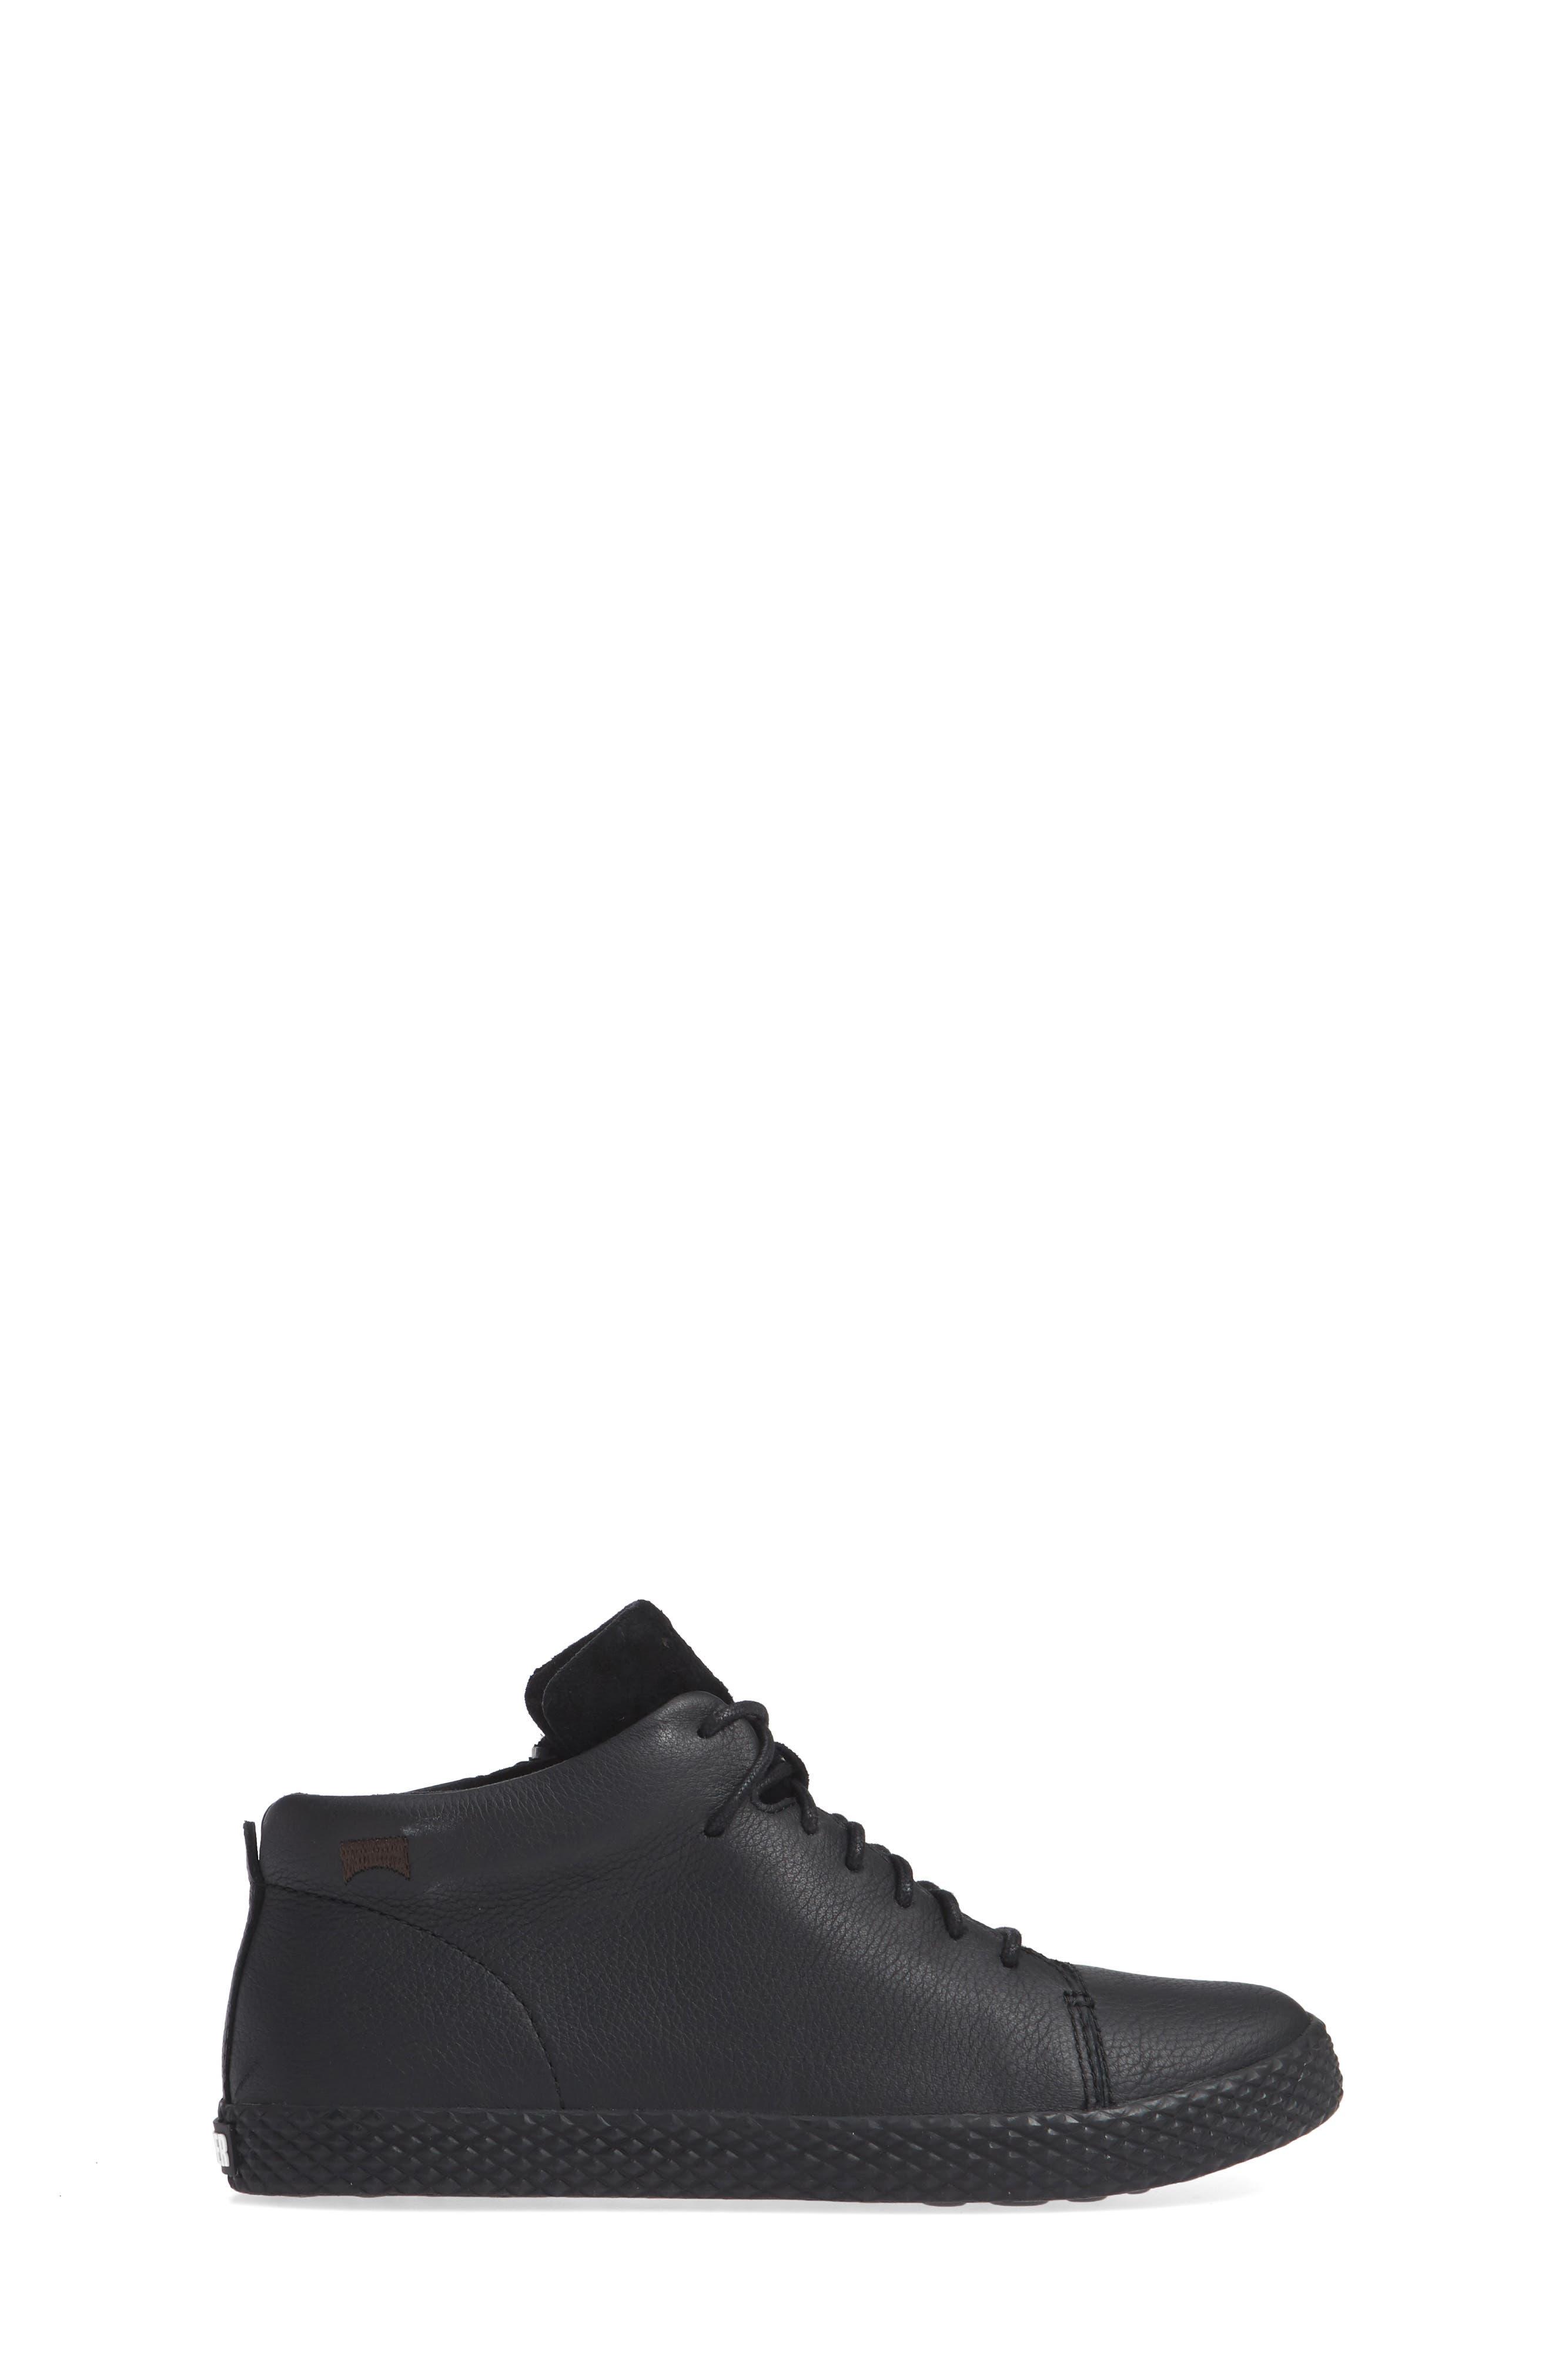 Pursuit Sneaker,                             Alternate thumbnail 3, color,                             BLACK